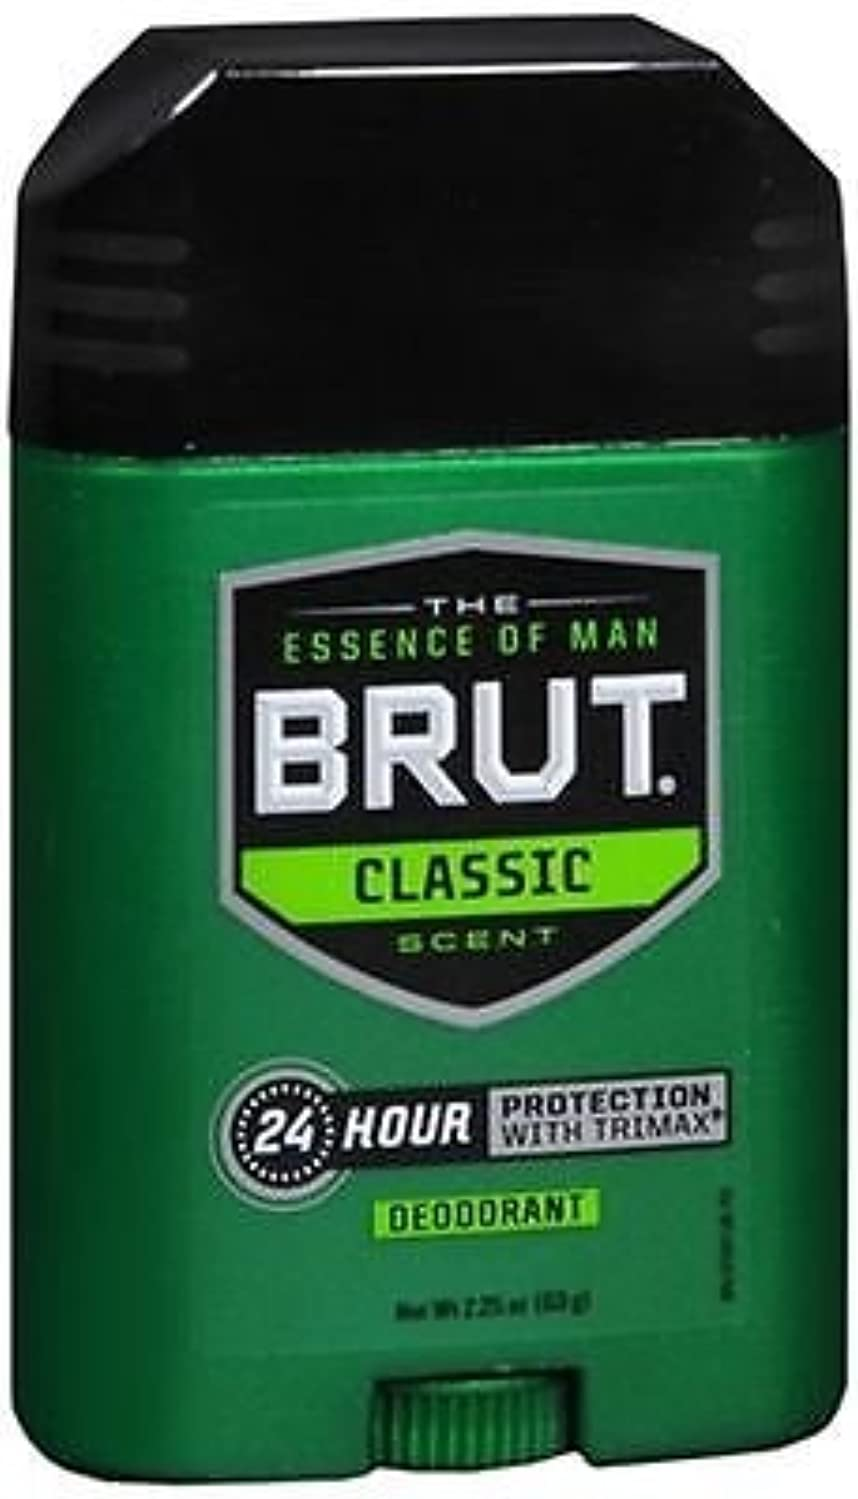 経度慣らす成長BRUT Classic scent Deodorant 2.25oz(63g)-国内出荷配送、並行輸入品